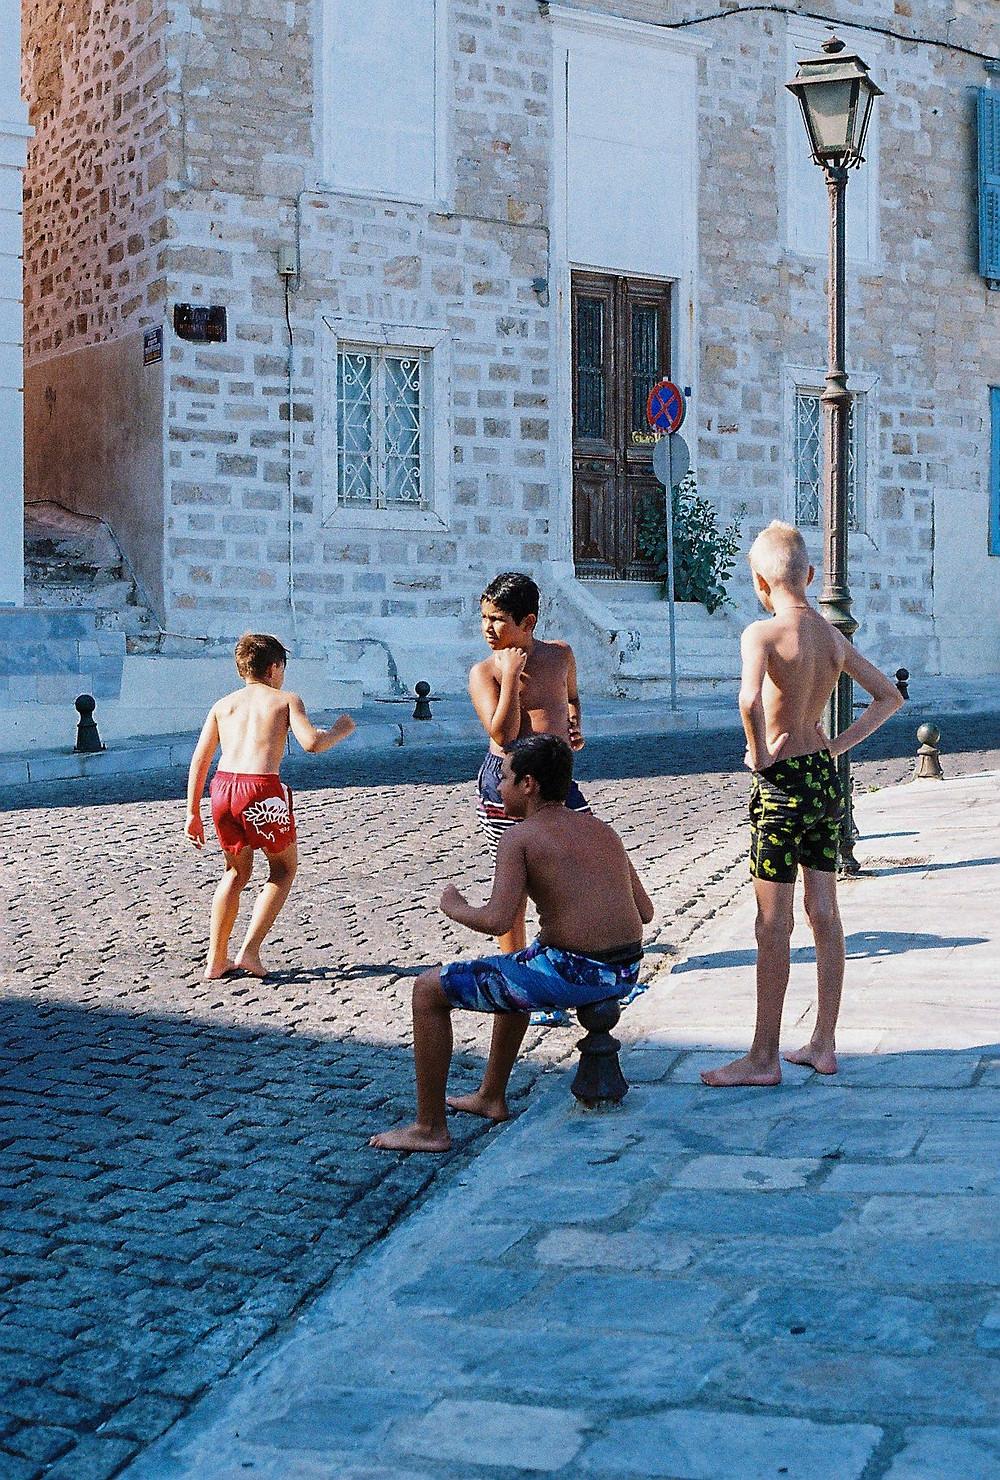 © Myrto Tzima, Ferocious Urbanites, Ferocious Athens